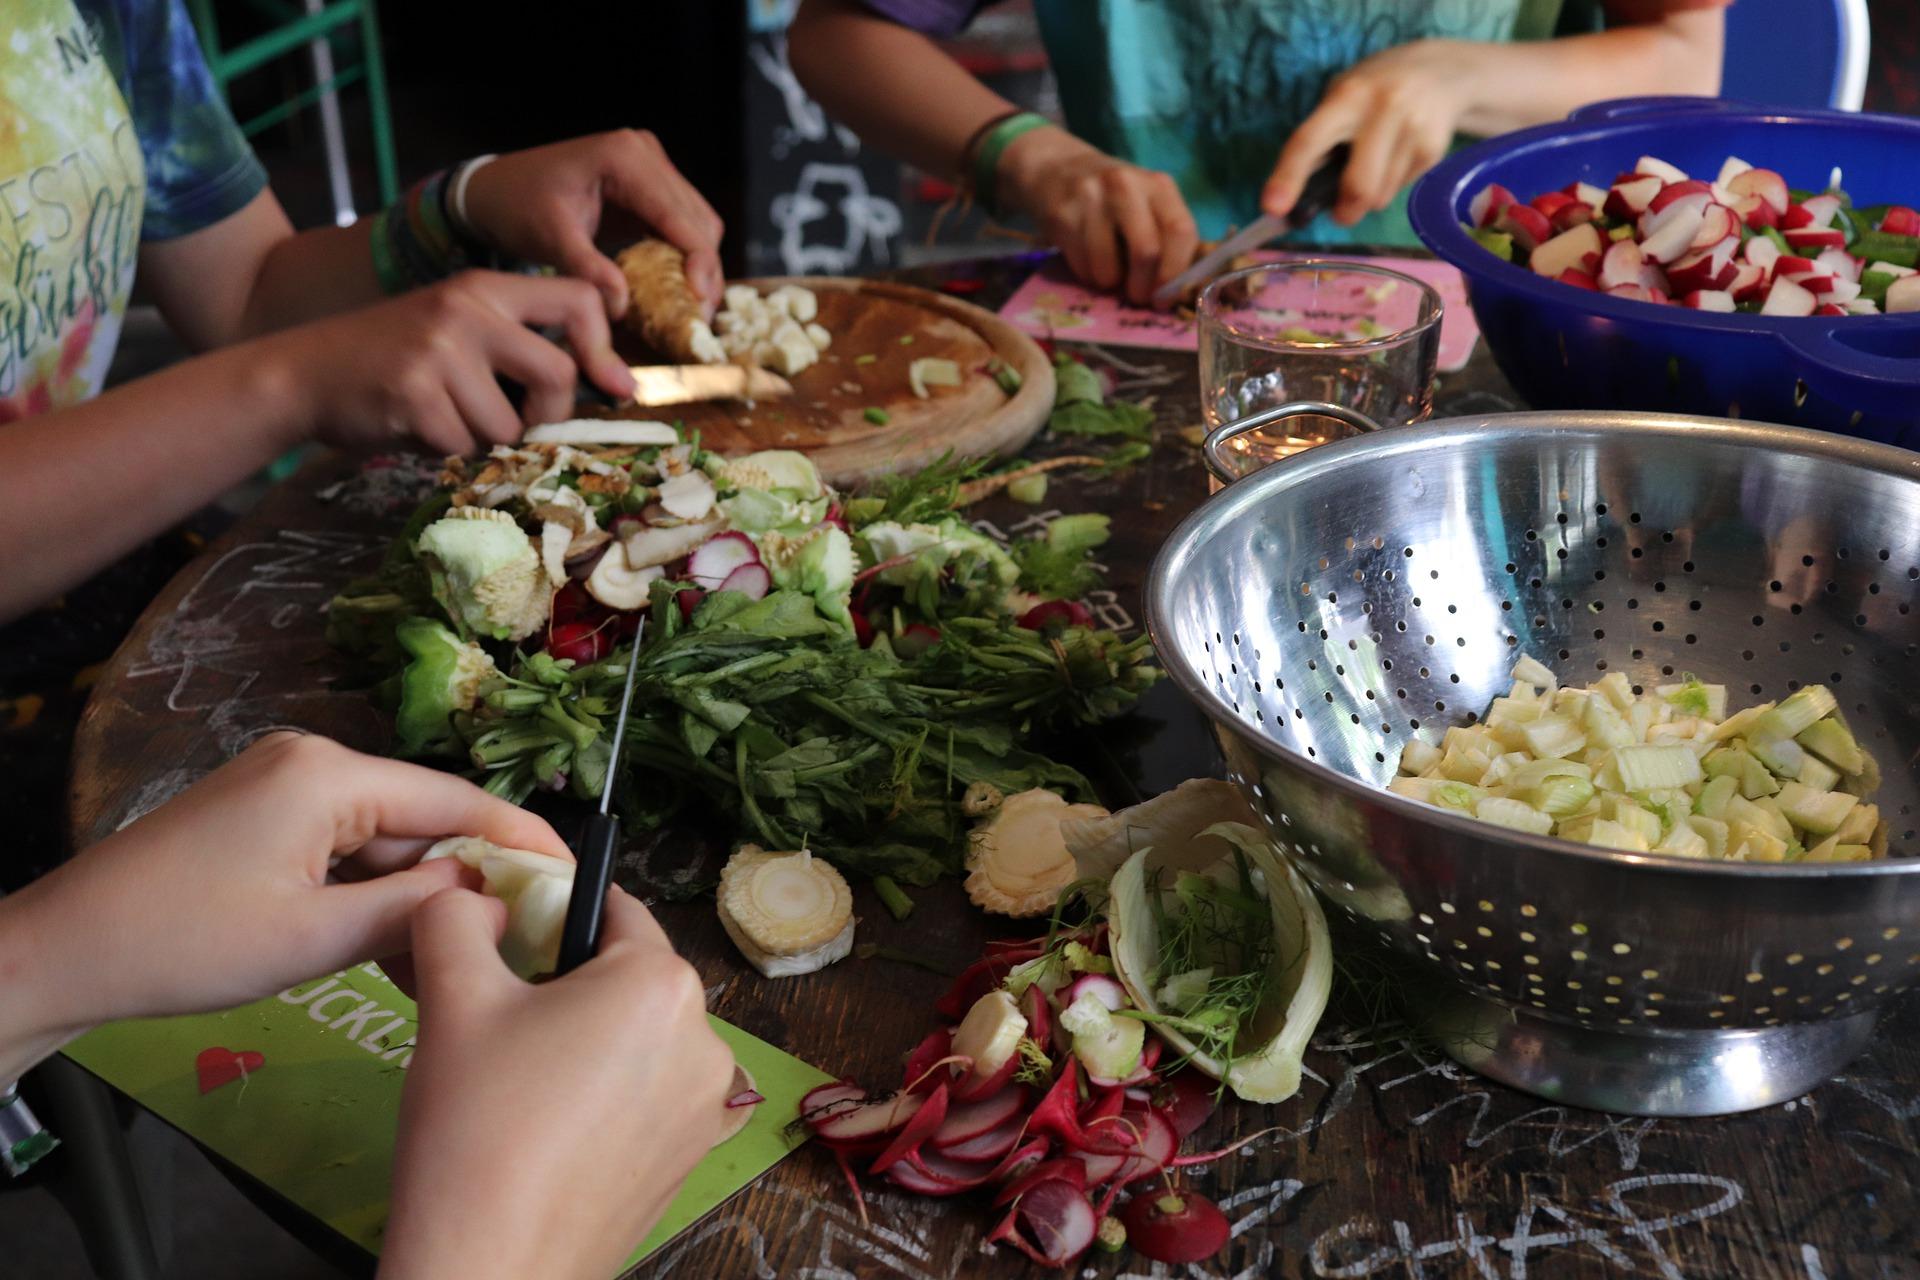 Drei Personen schneiden Gemüse für eine nachhaltige Ernährung.